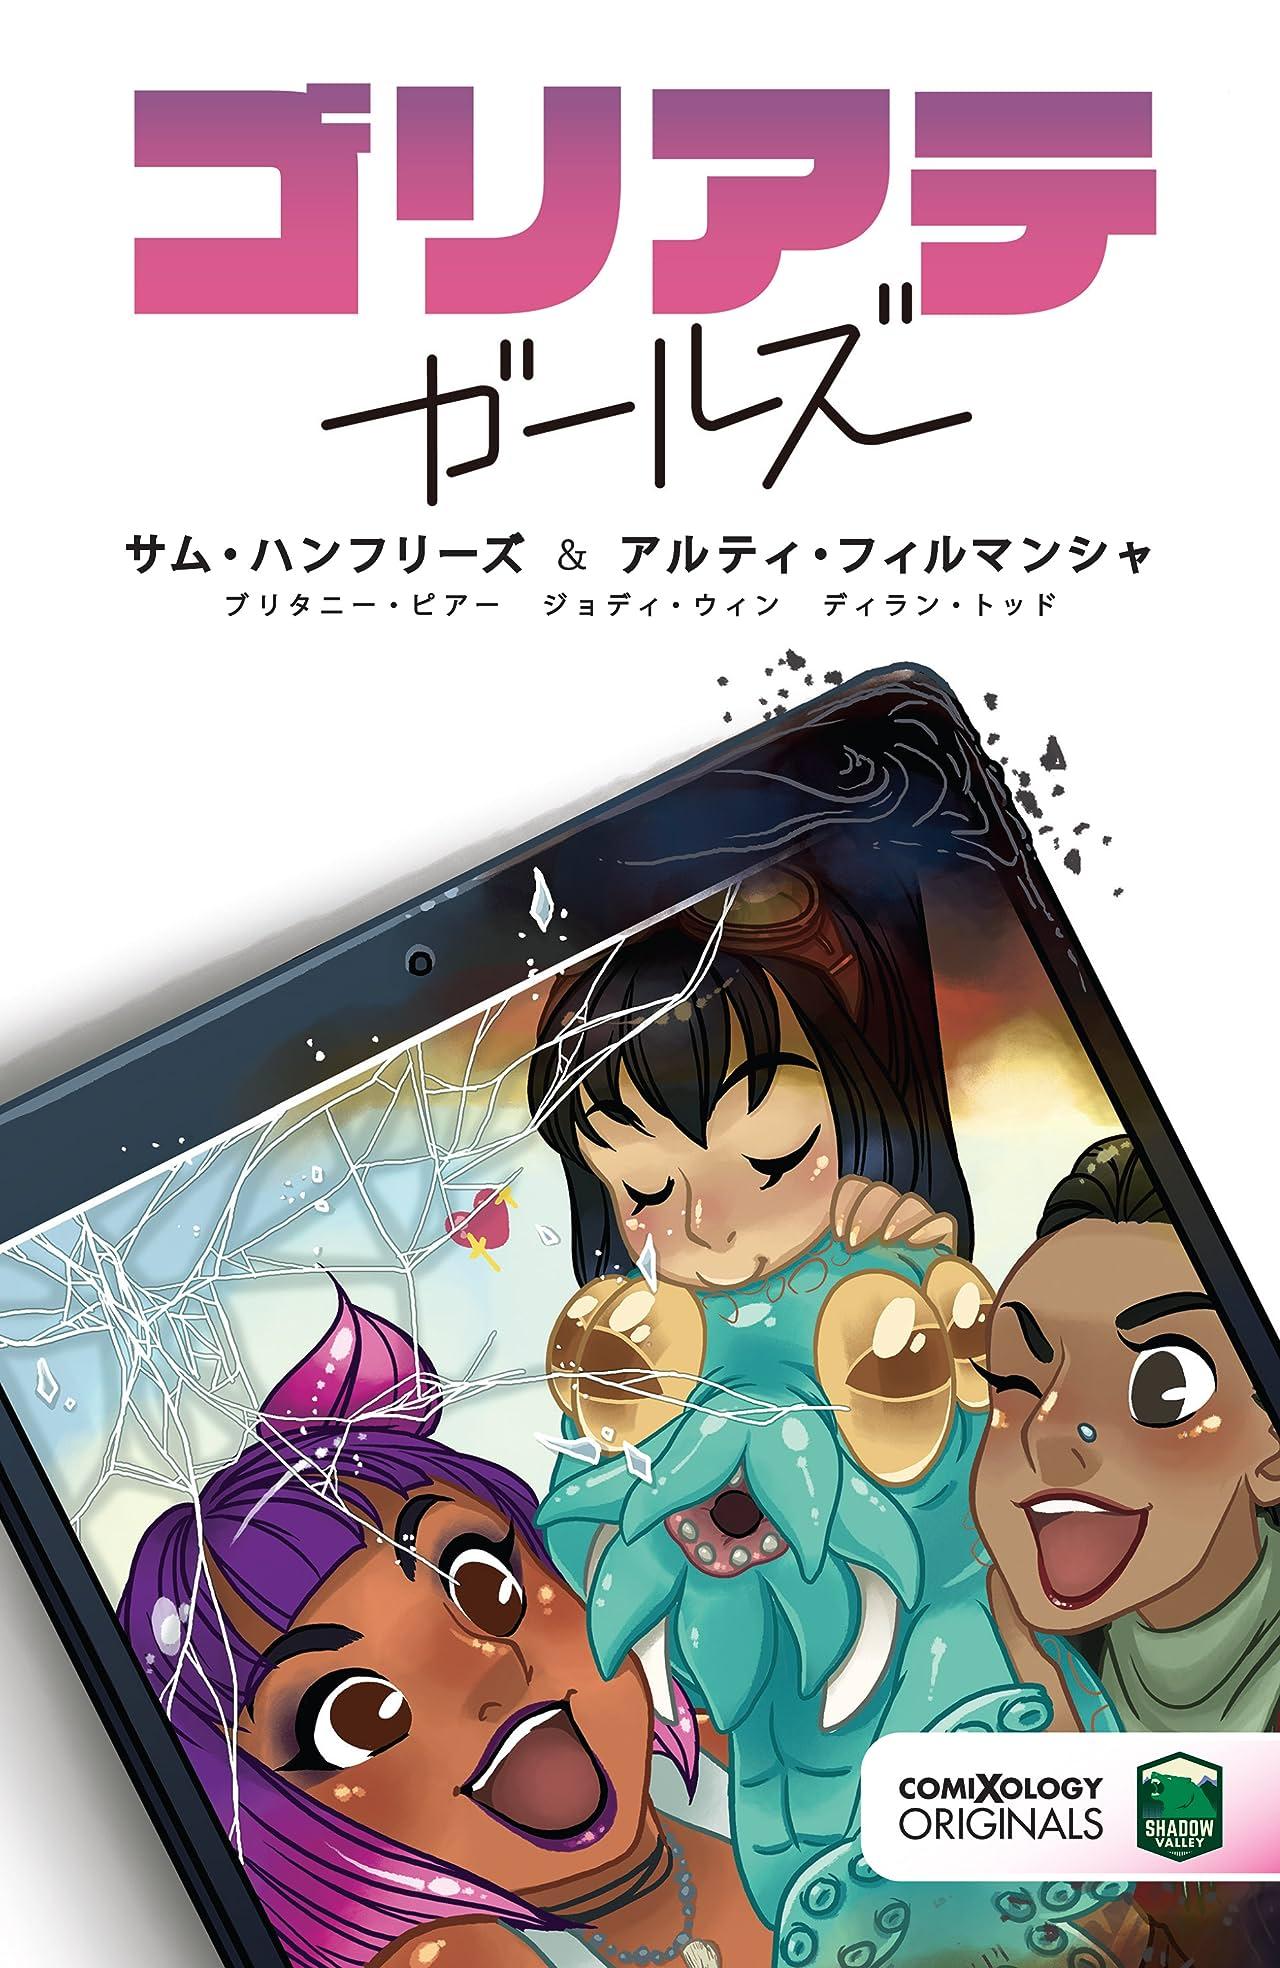 ゴリアテ・ガールズ 第1-5話完全版 (comiXology Originals)